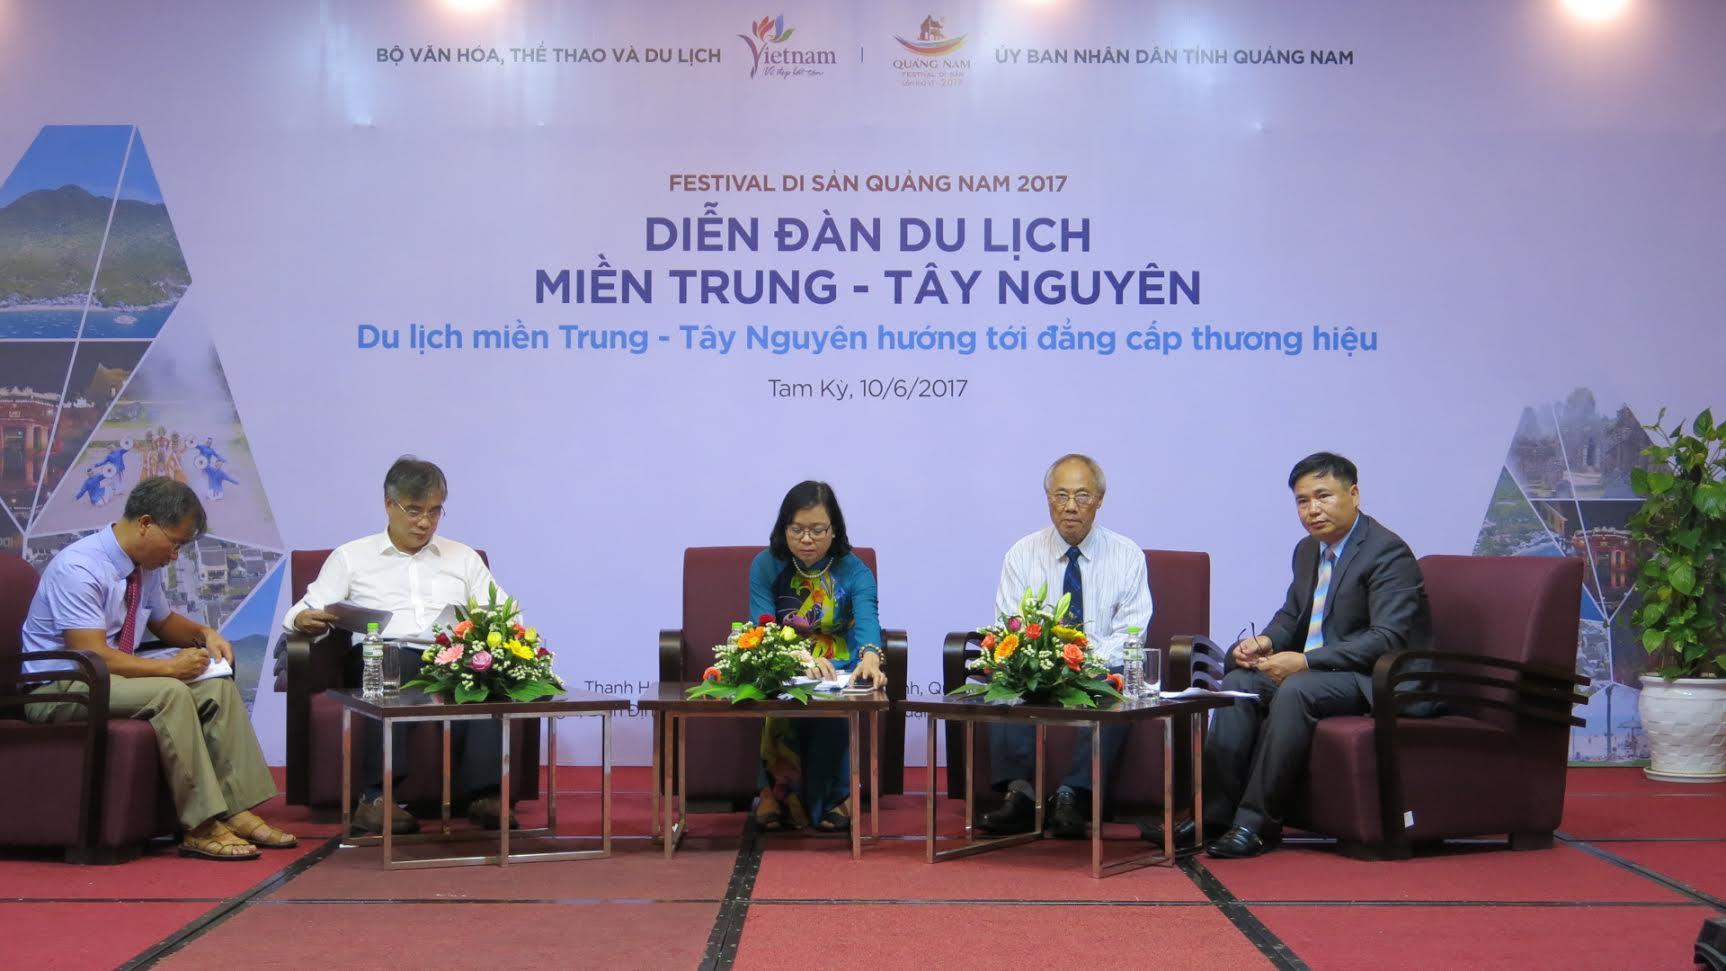 2.Viện trưởng Viện Kinh tế Việt Nam Trần Đình Thiên, lãnh đạo Tổng cục du lịch, Hiệp hội du lịch Việt Nam cùng các chuyên gia điều hành phiên thảo luận